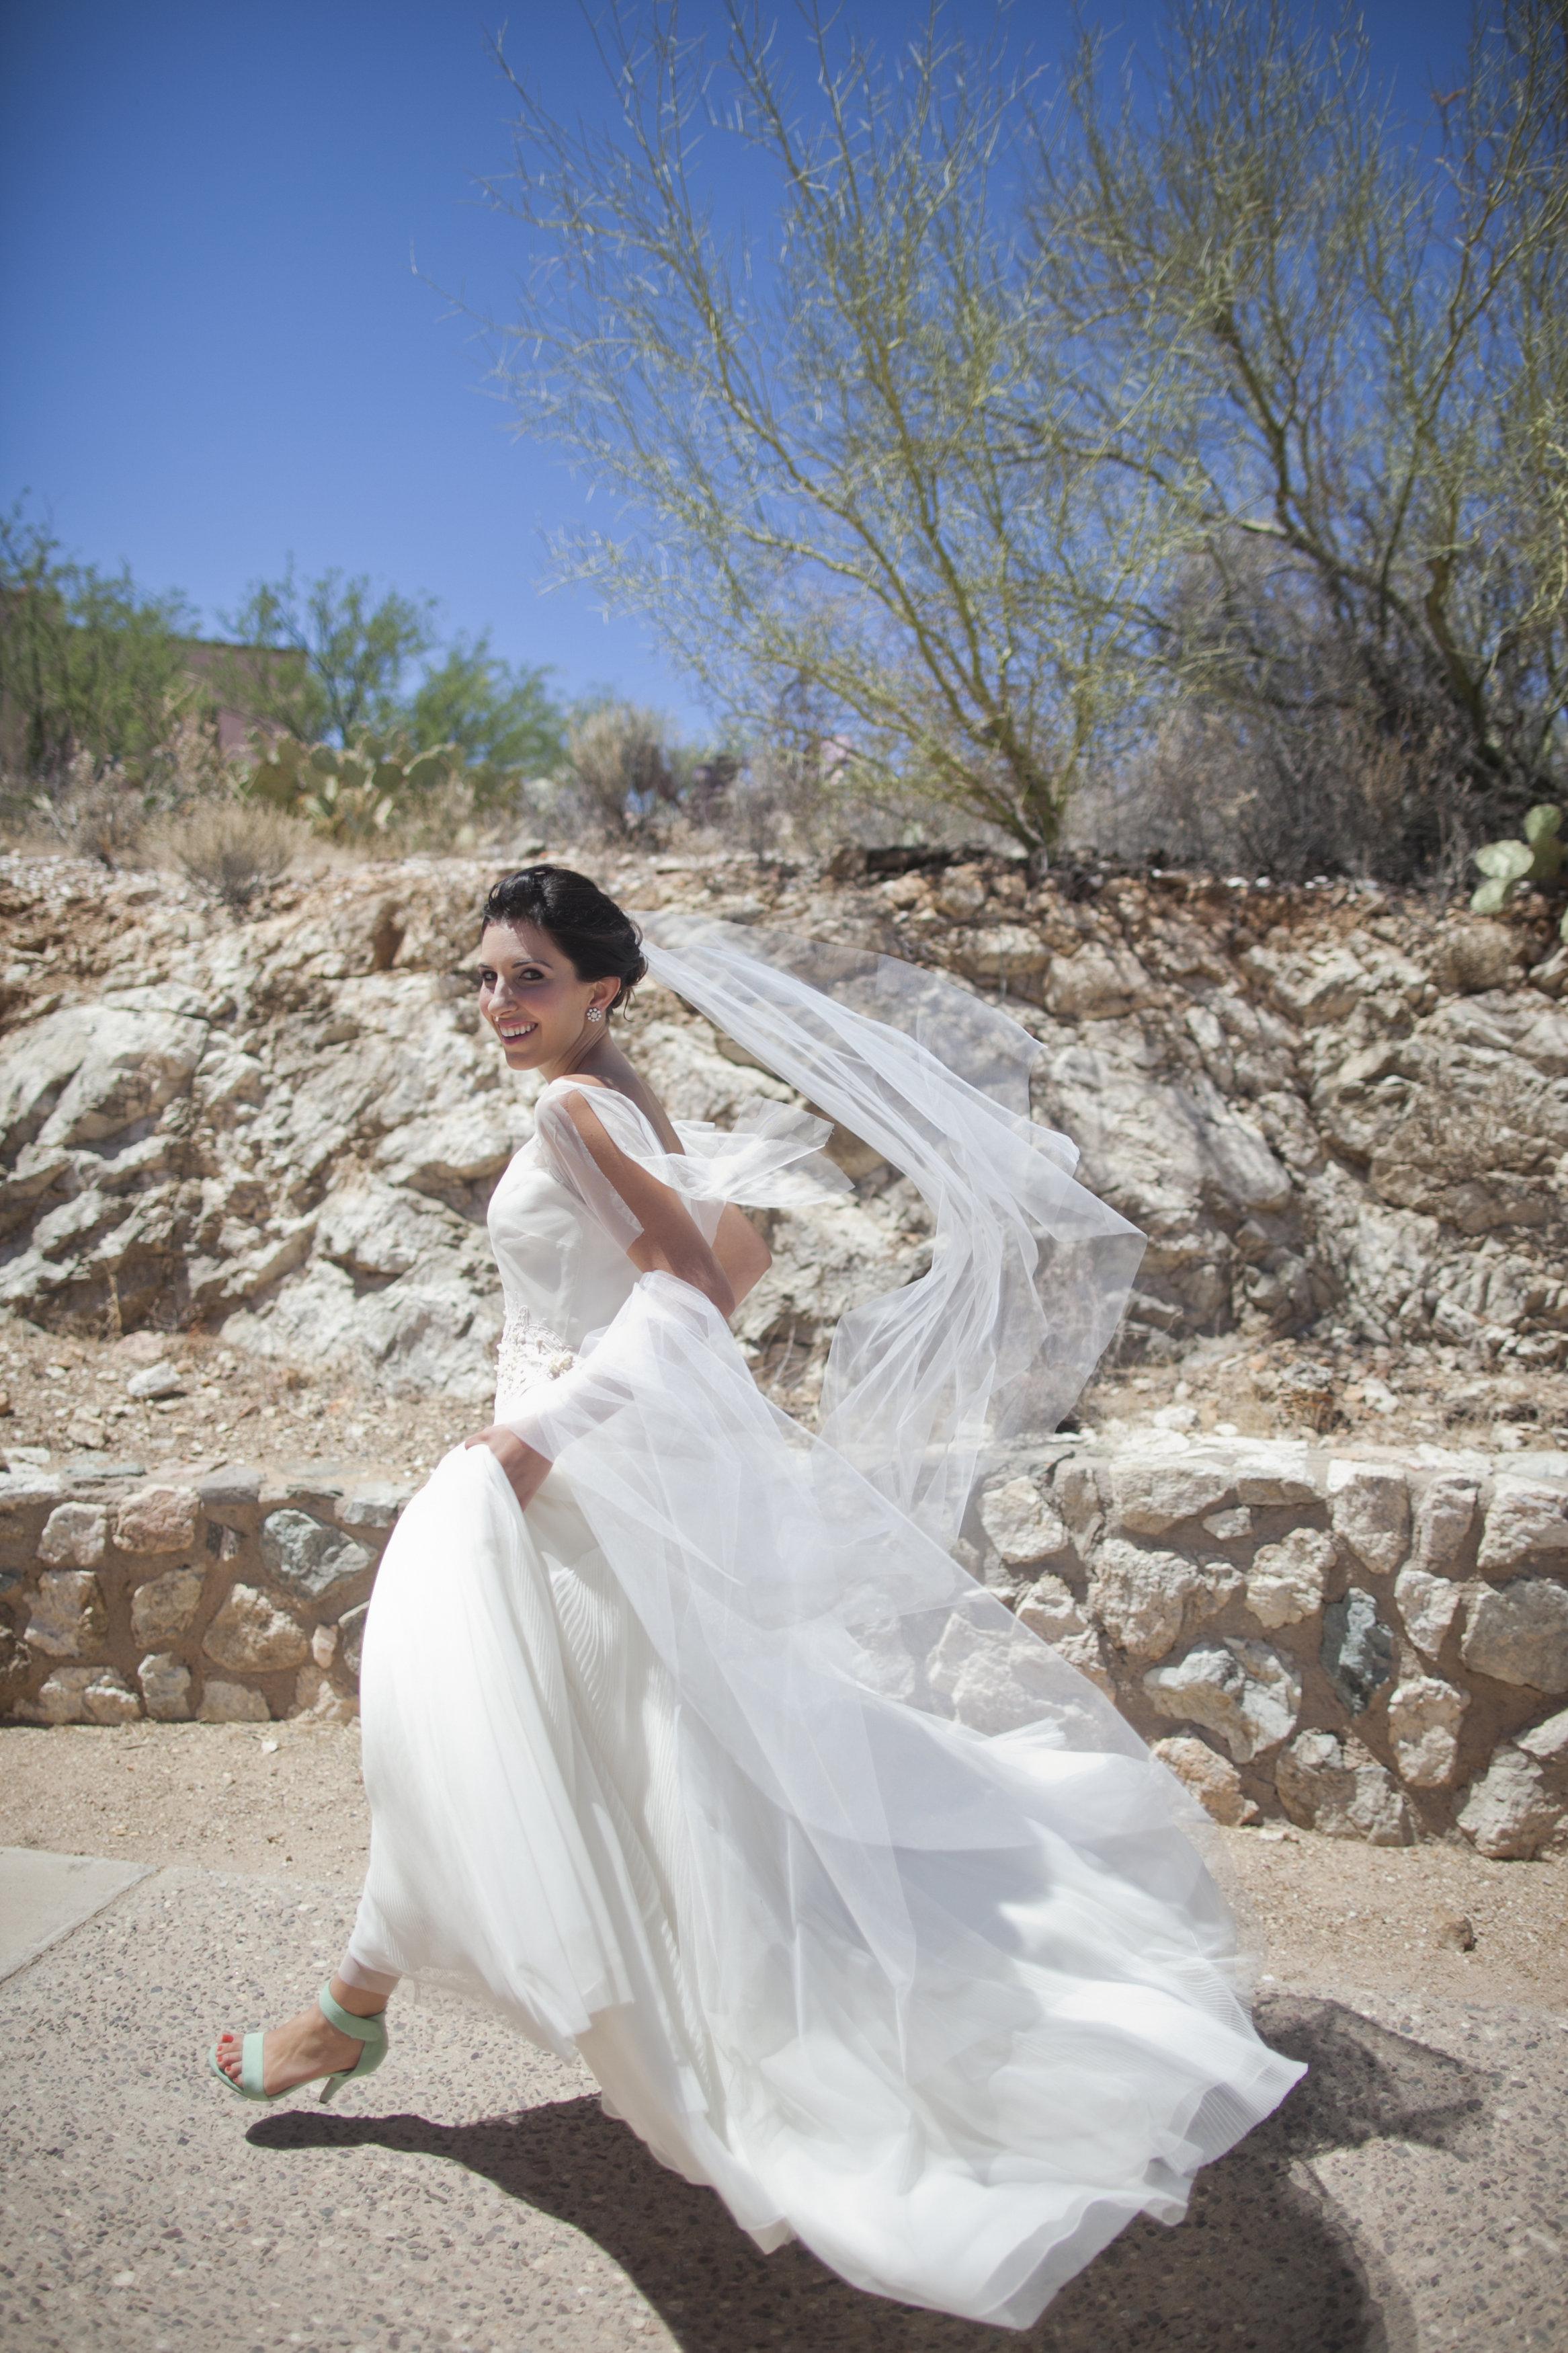 Ceci_New_York_Ceci_Style_Ceci_Johnson_Luxury_Lifestyle_Arizona_Wedding_Watercolor_Inspiration_Design_Custom_Couture_Personalized_Invitations_34.jpg